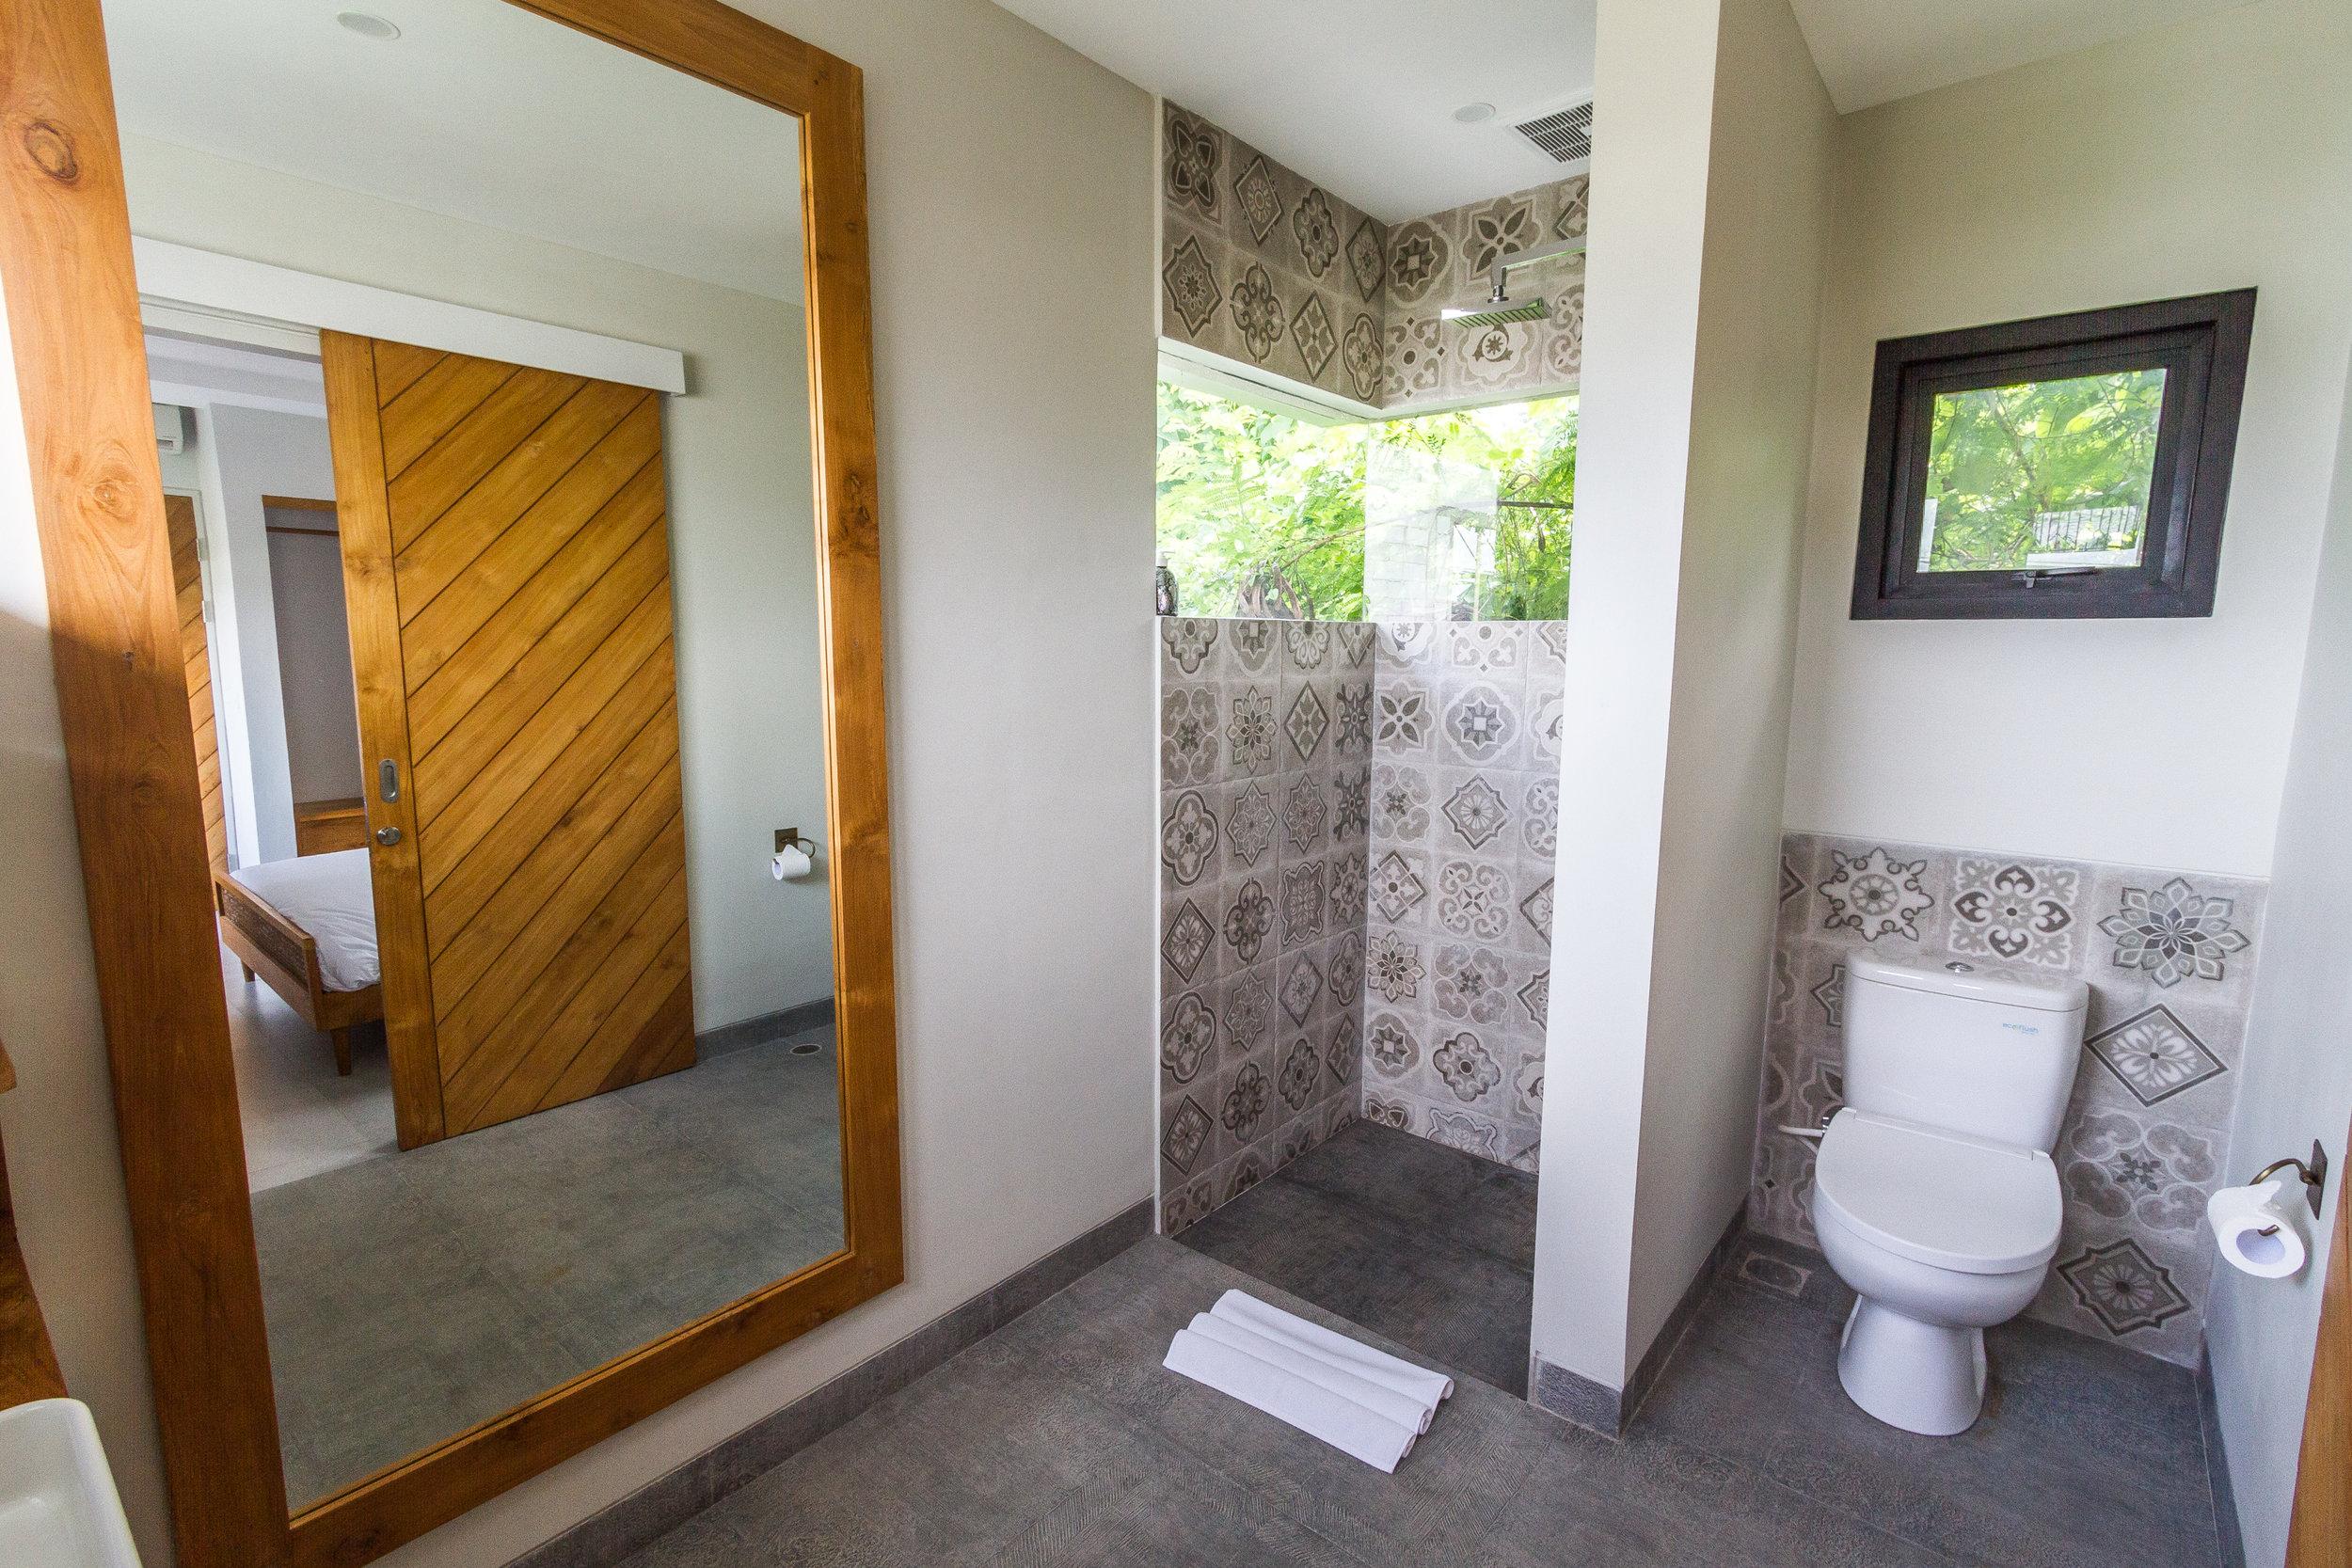 2 bedroom villa with bathroom